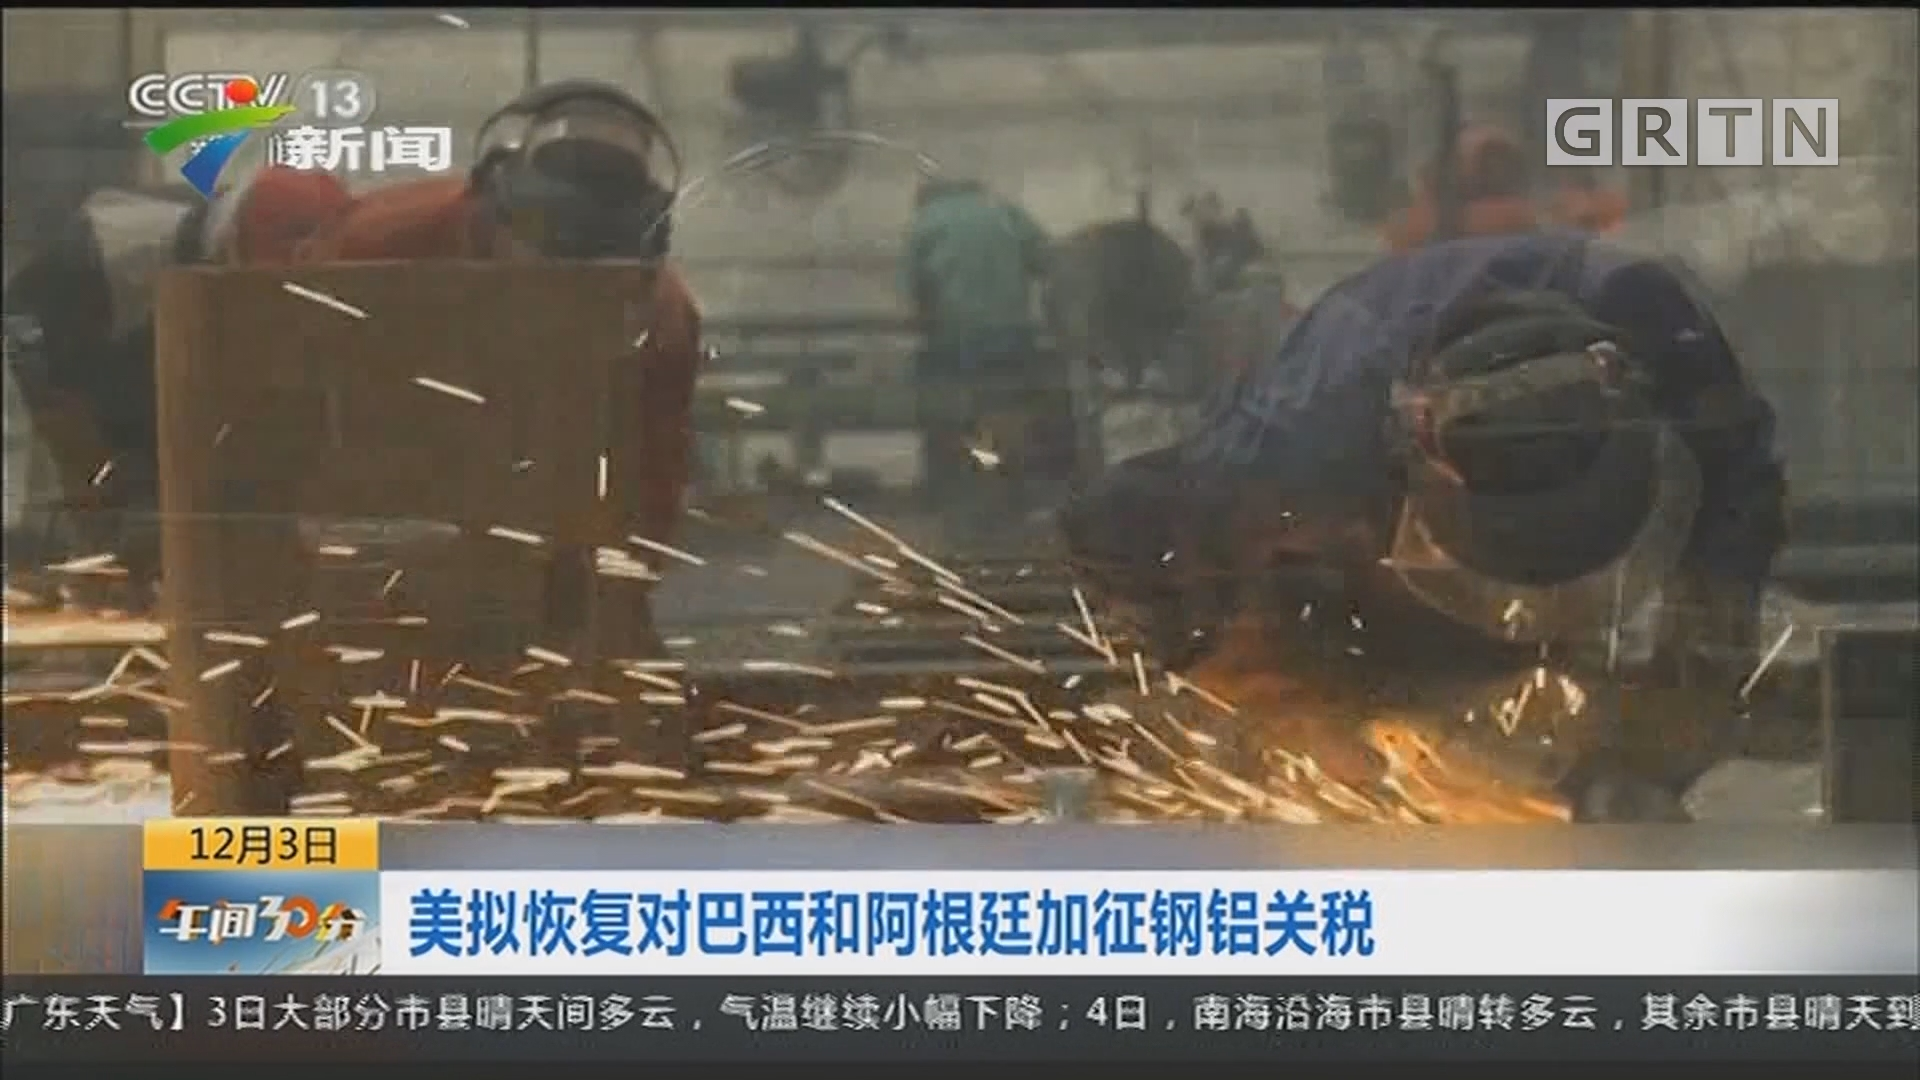 美拟恢复对巴西和阿根廷加征钢铝关税